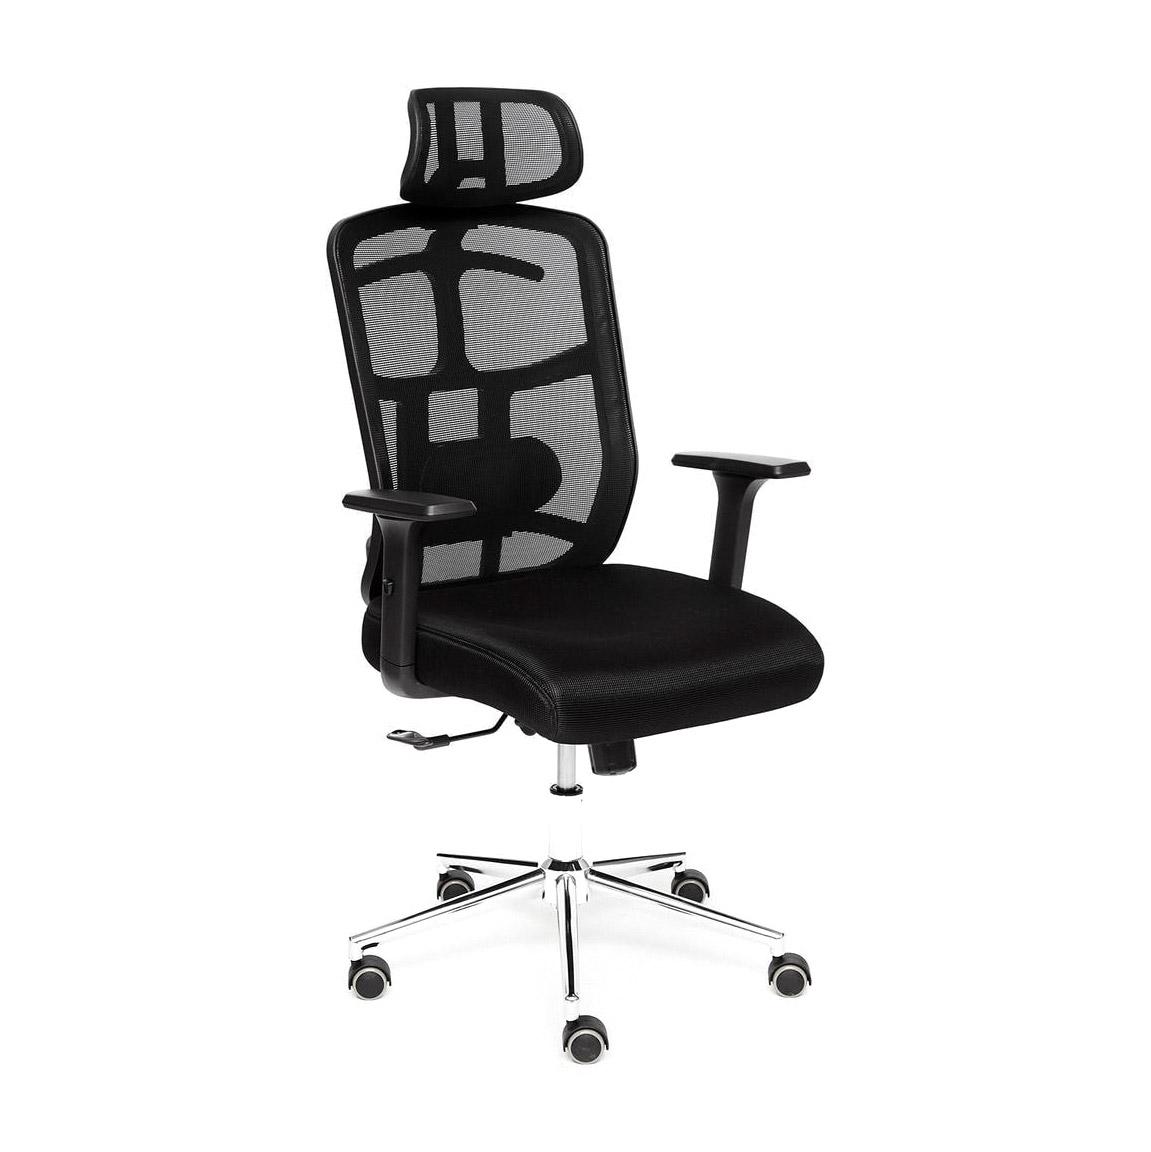 Кресло компьютерное TC черное 115х72х52 см кресло компьютерное tc черное 95 5х59х57 см